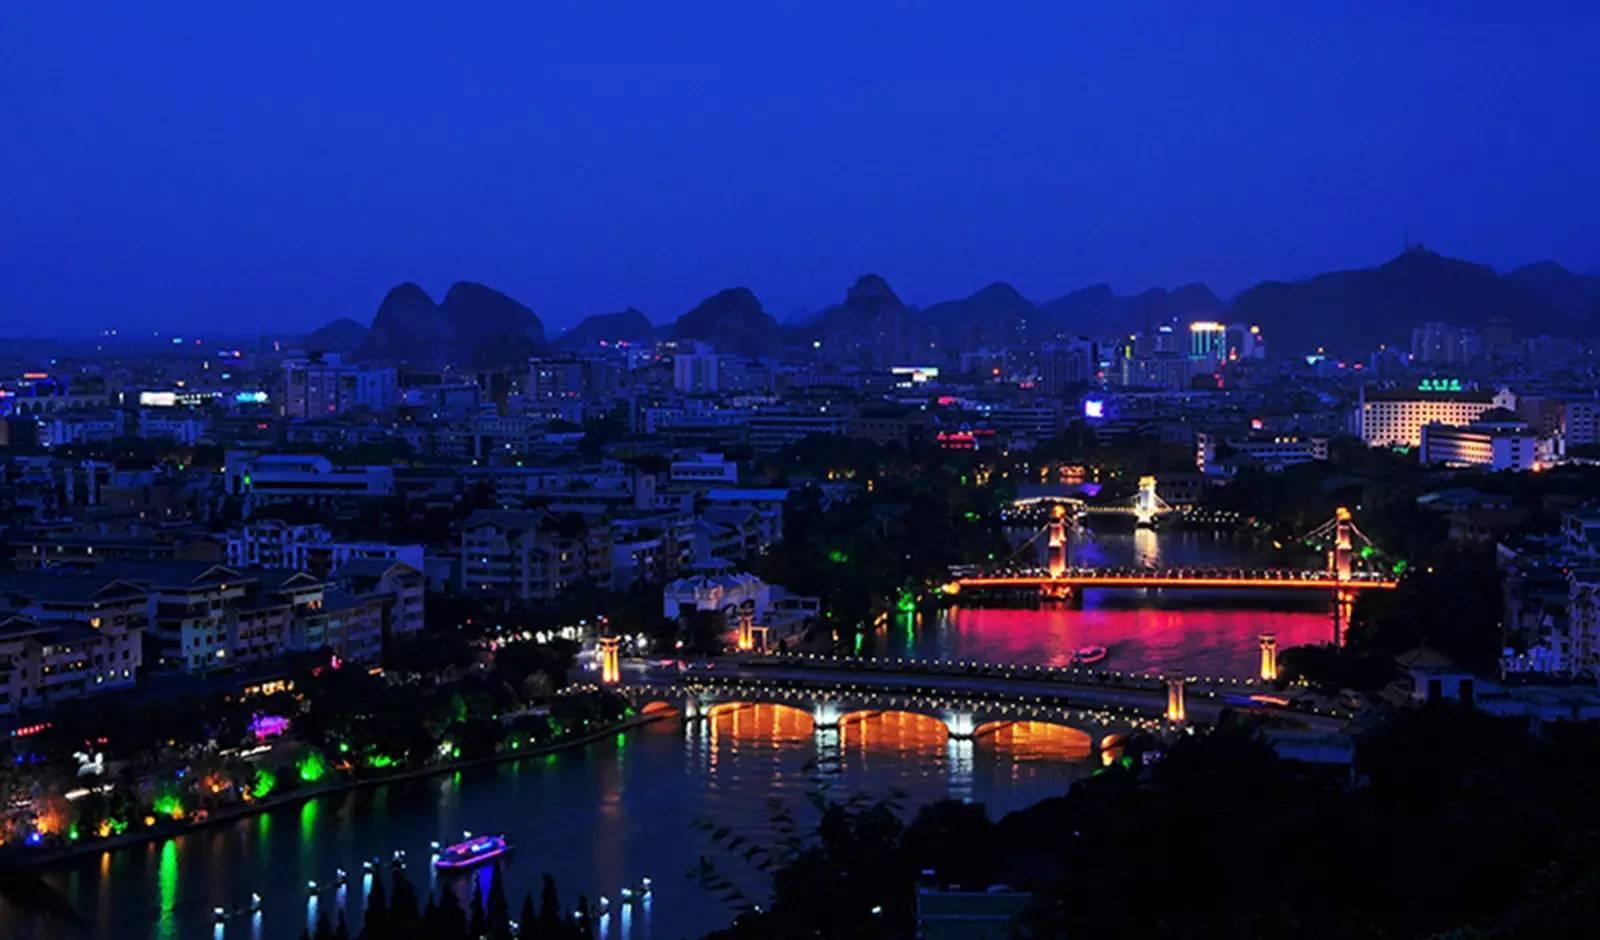 中国城市排行榜2014_2014中国最美丽城市排行榜的最美榜单-美丽城排行榜榜单明星旅游